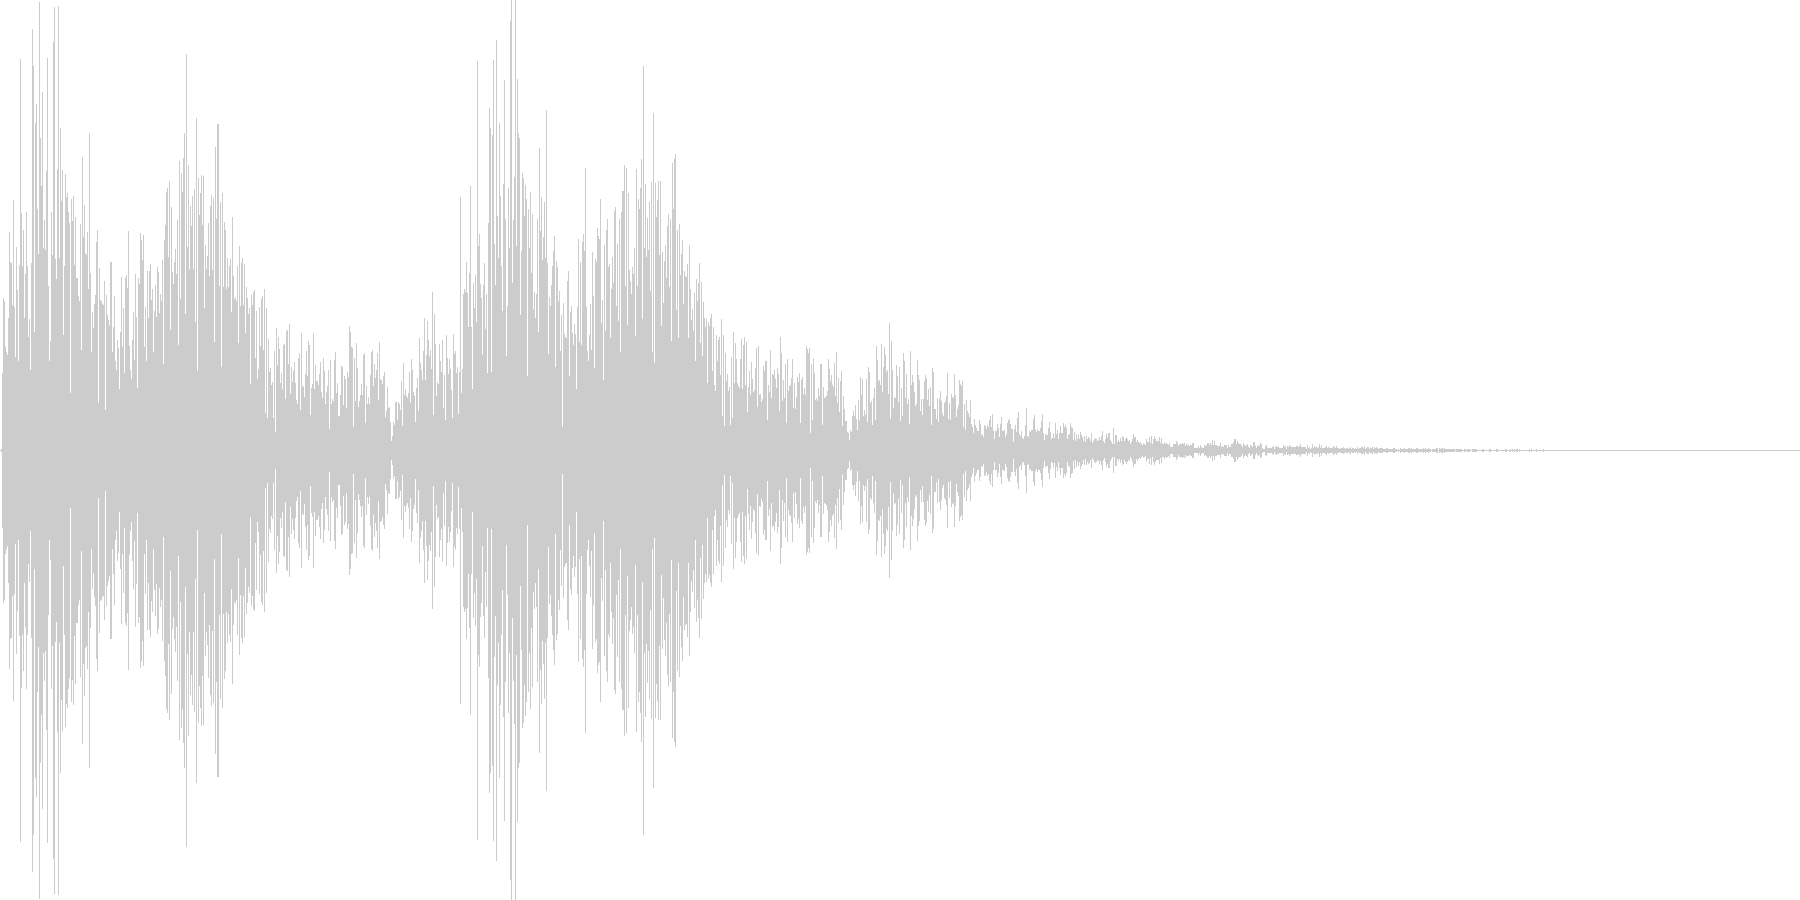 ポポン カカン 小鼓と拍子木の音の未再生の波形